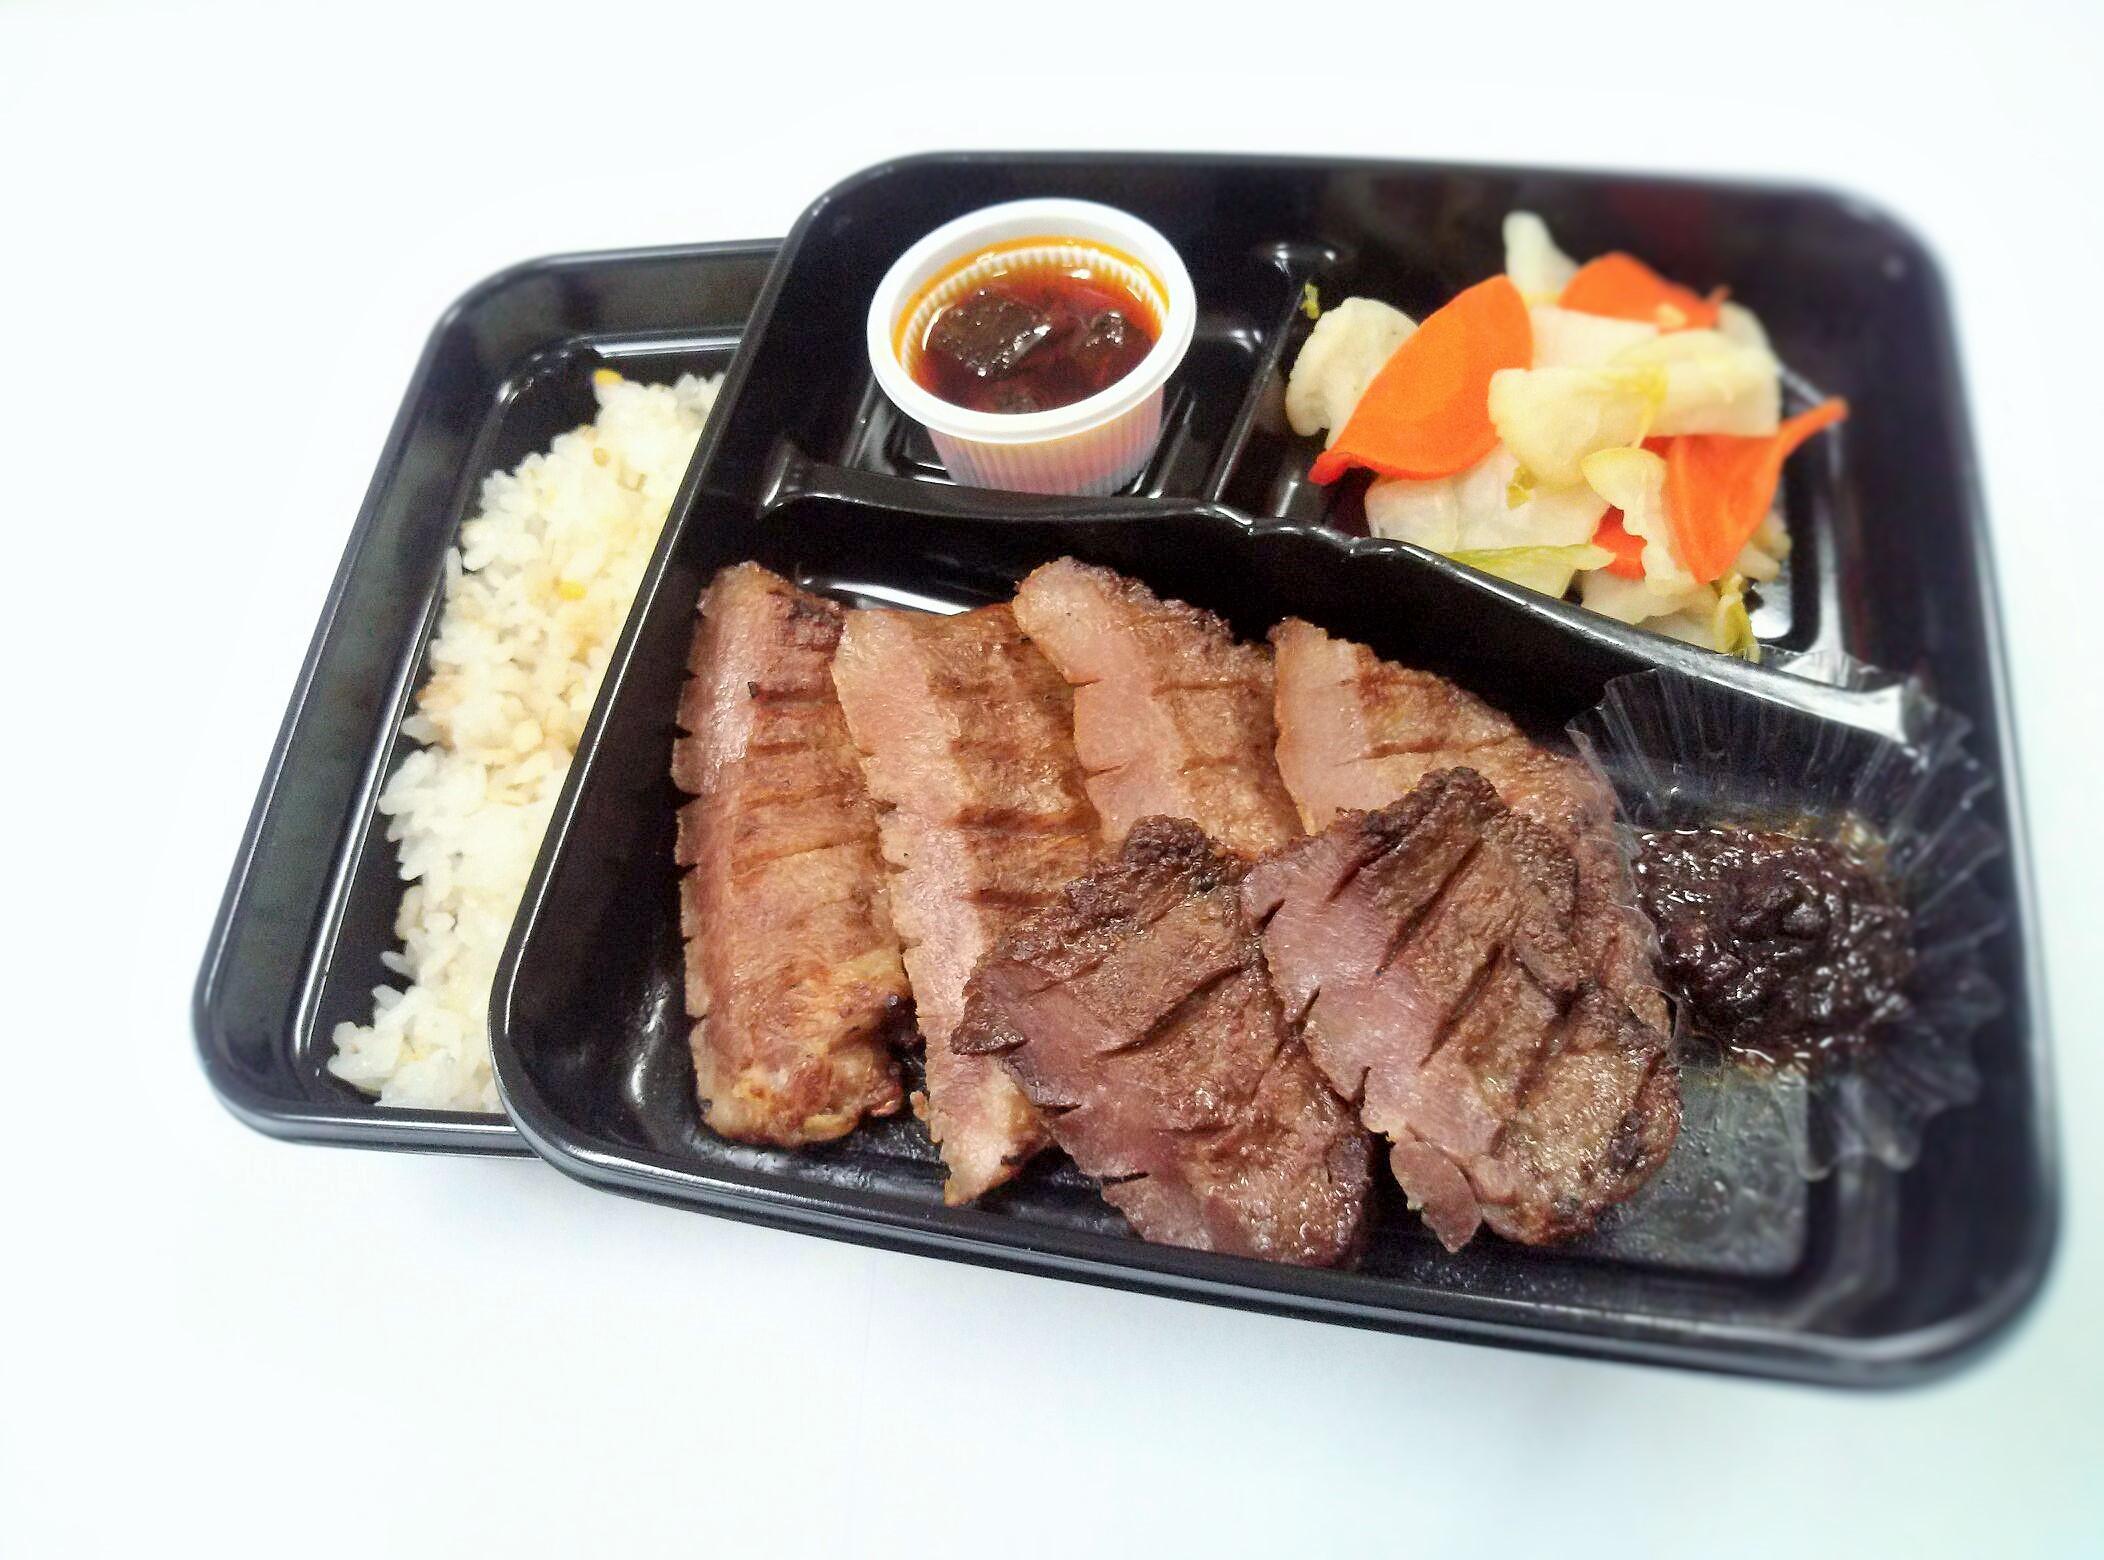 厚切り牛タン塩弁当 1,300円(税込)